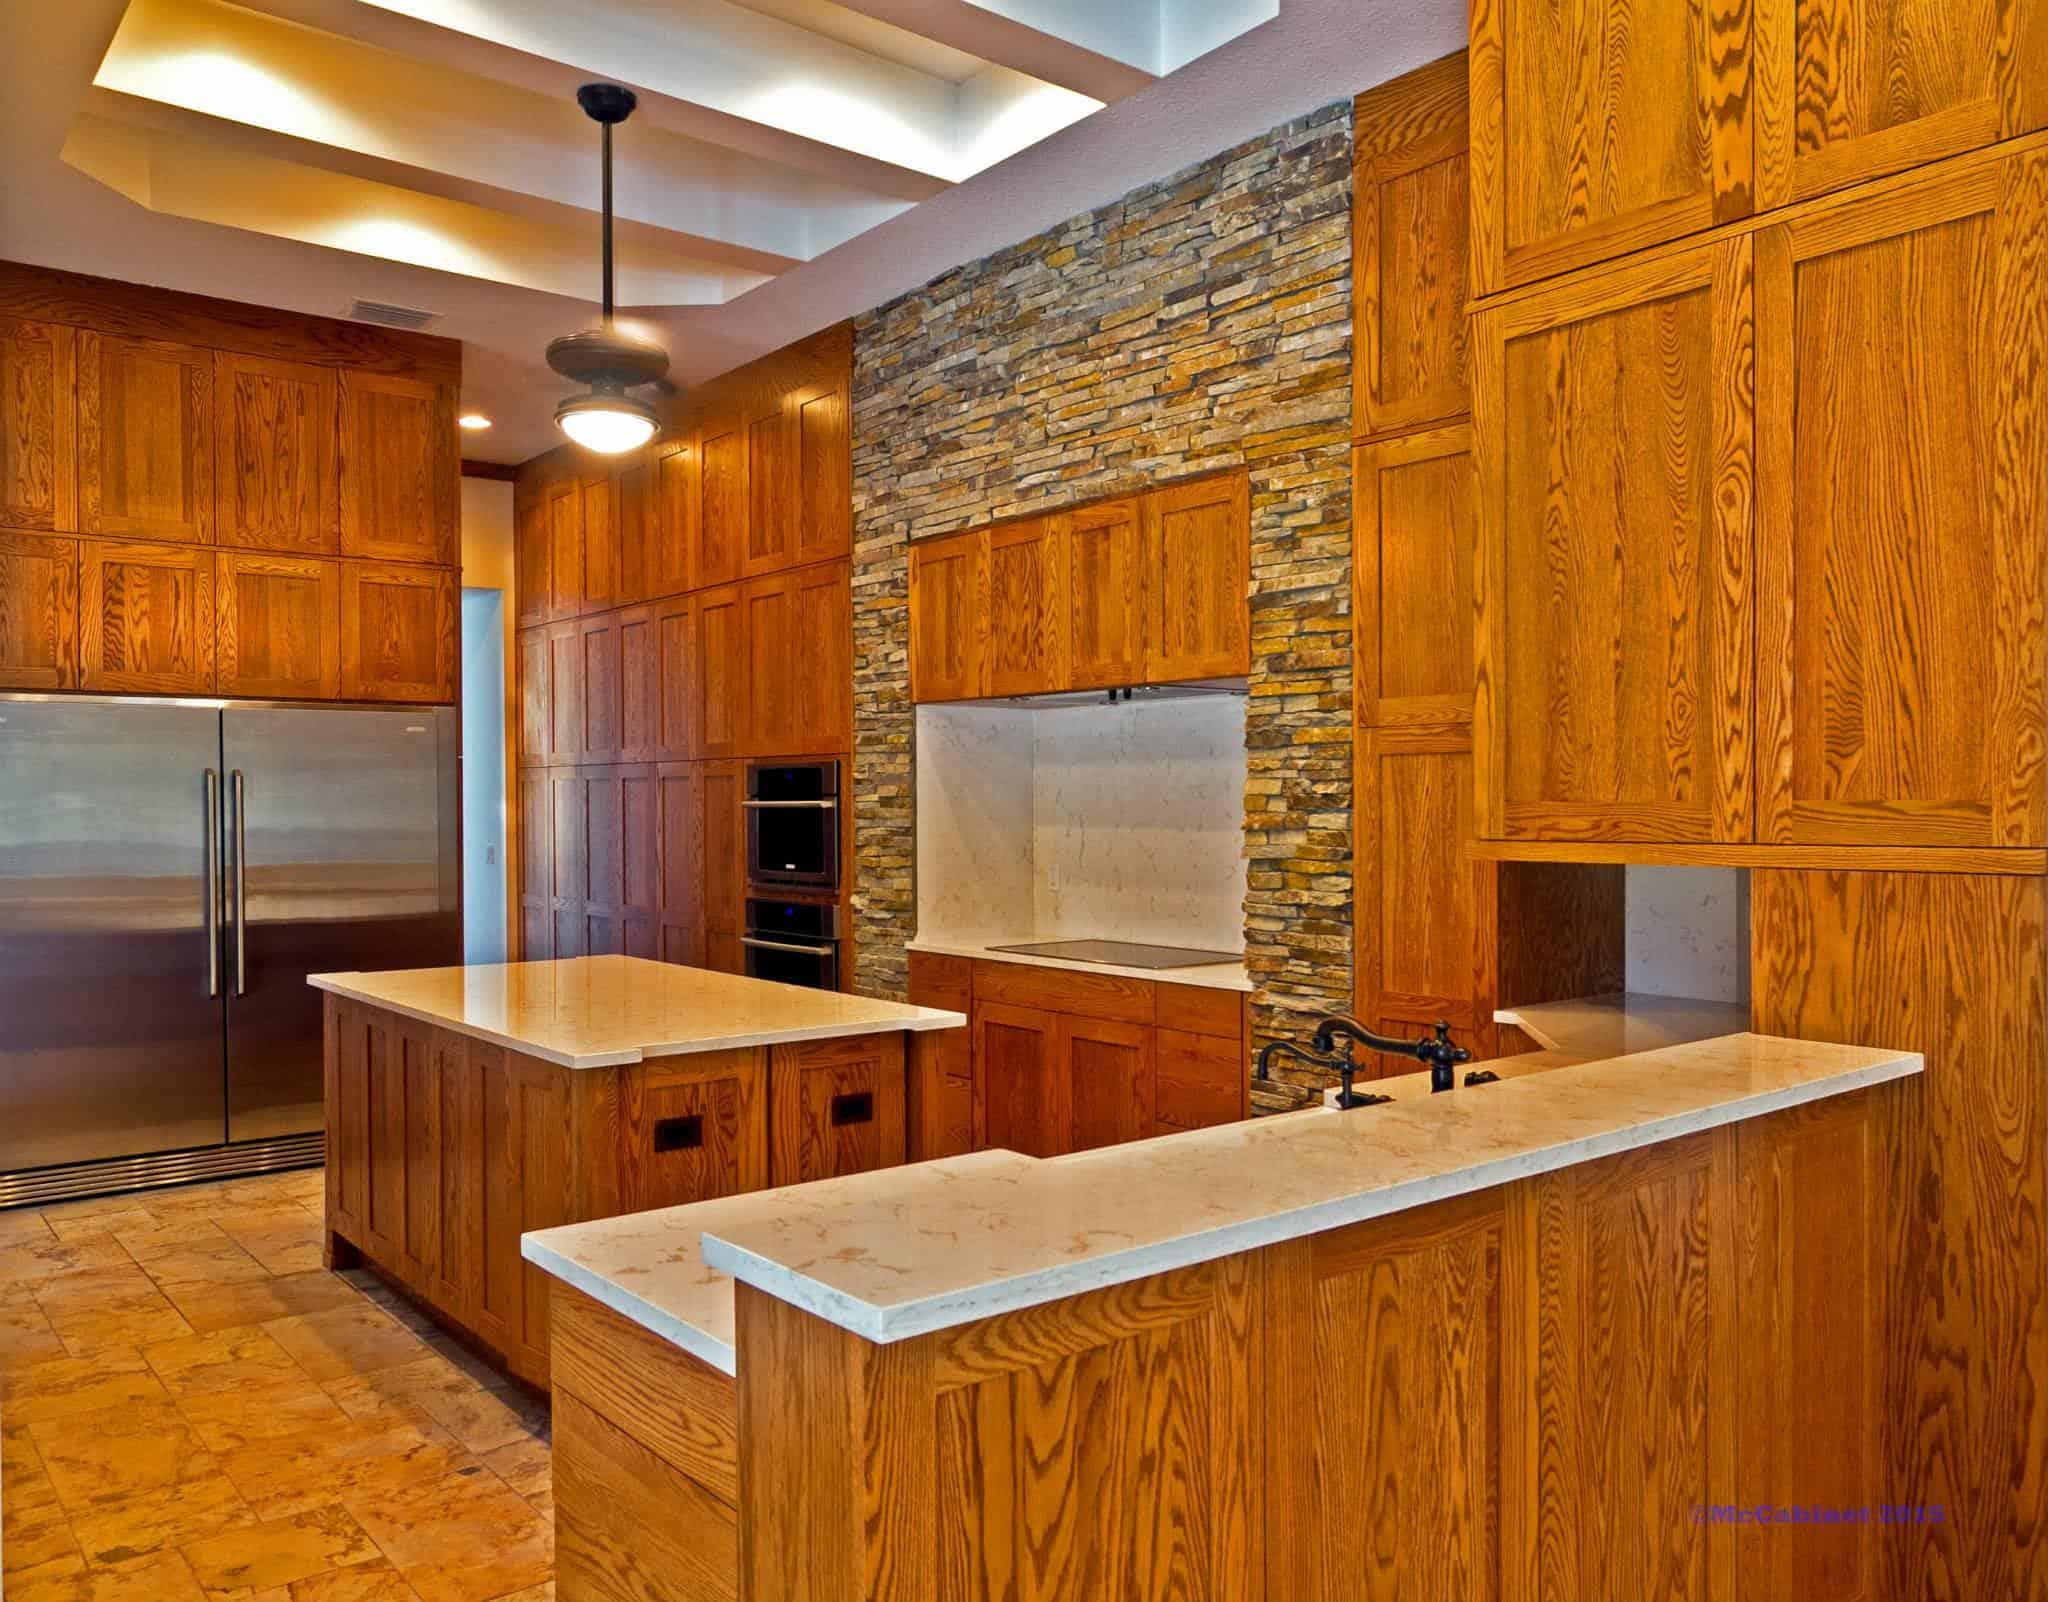 wood and brick kitchen